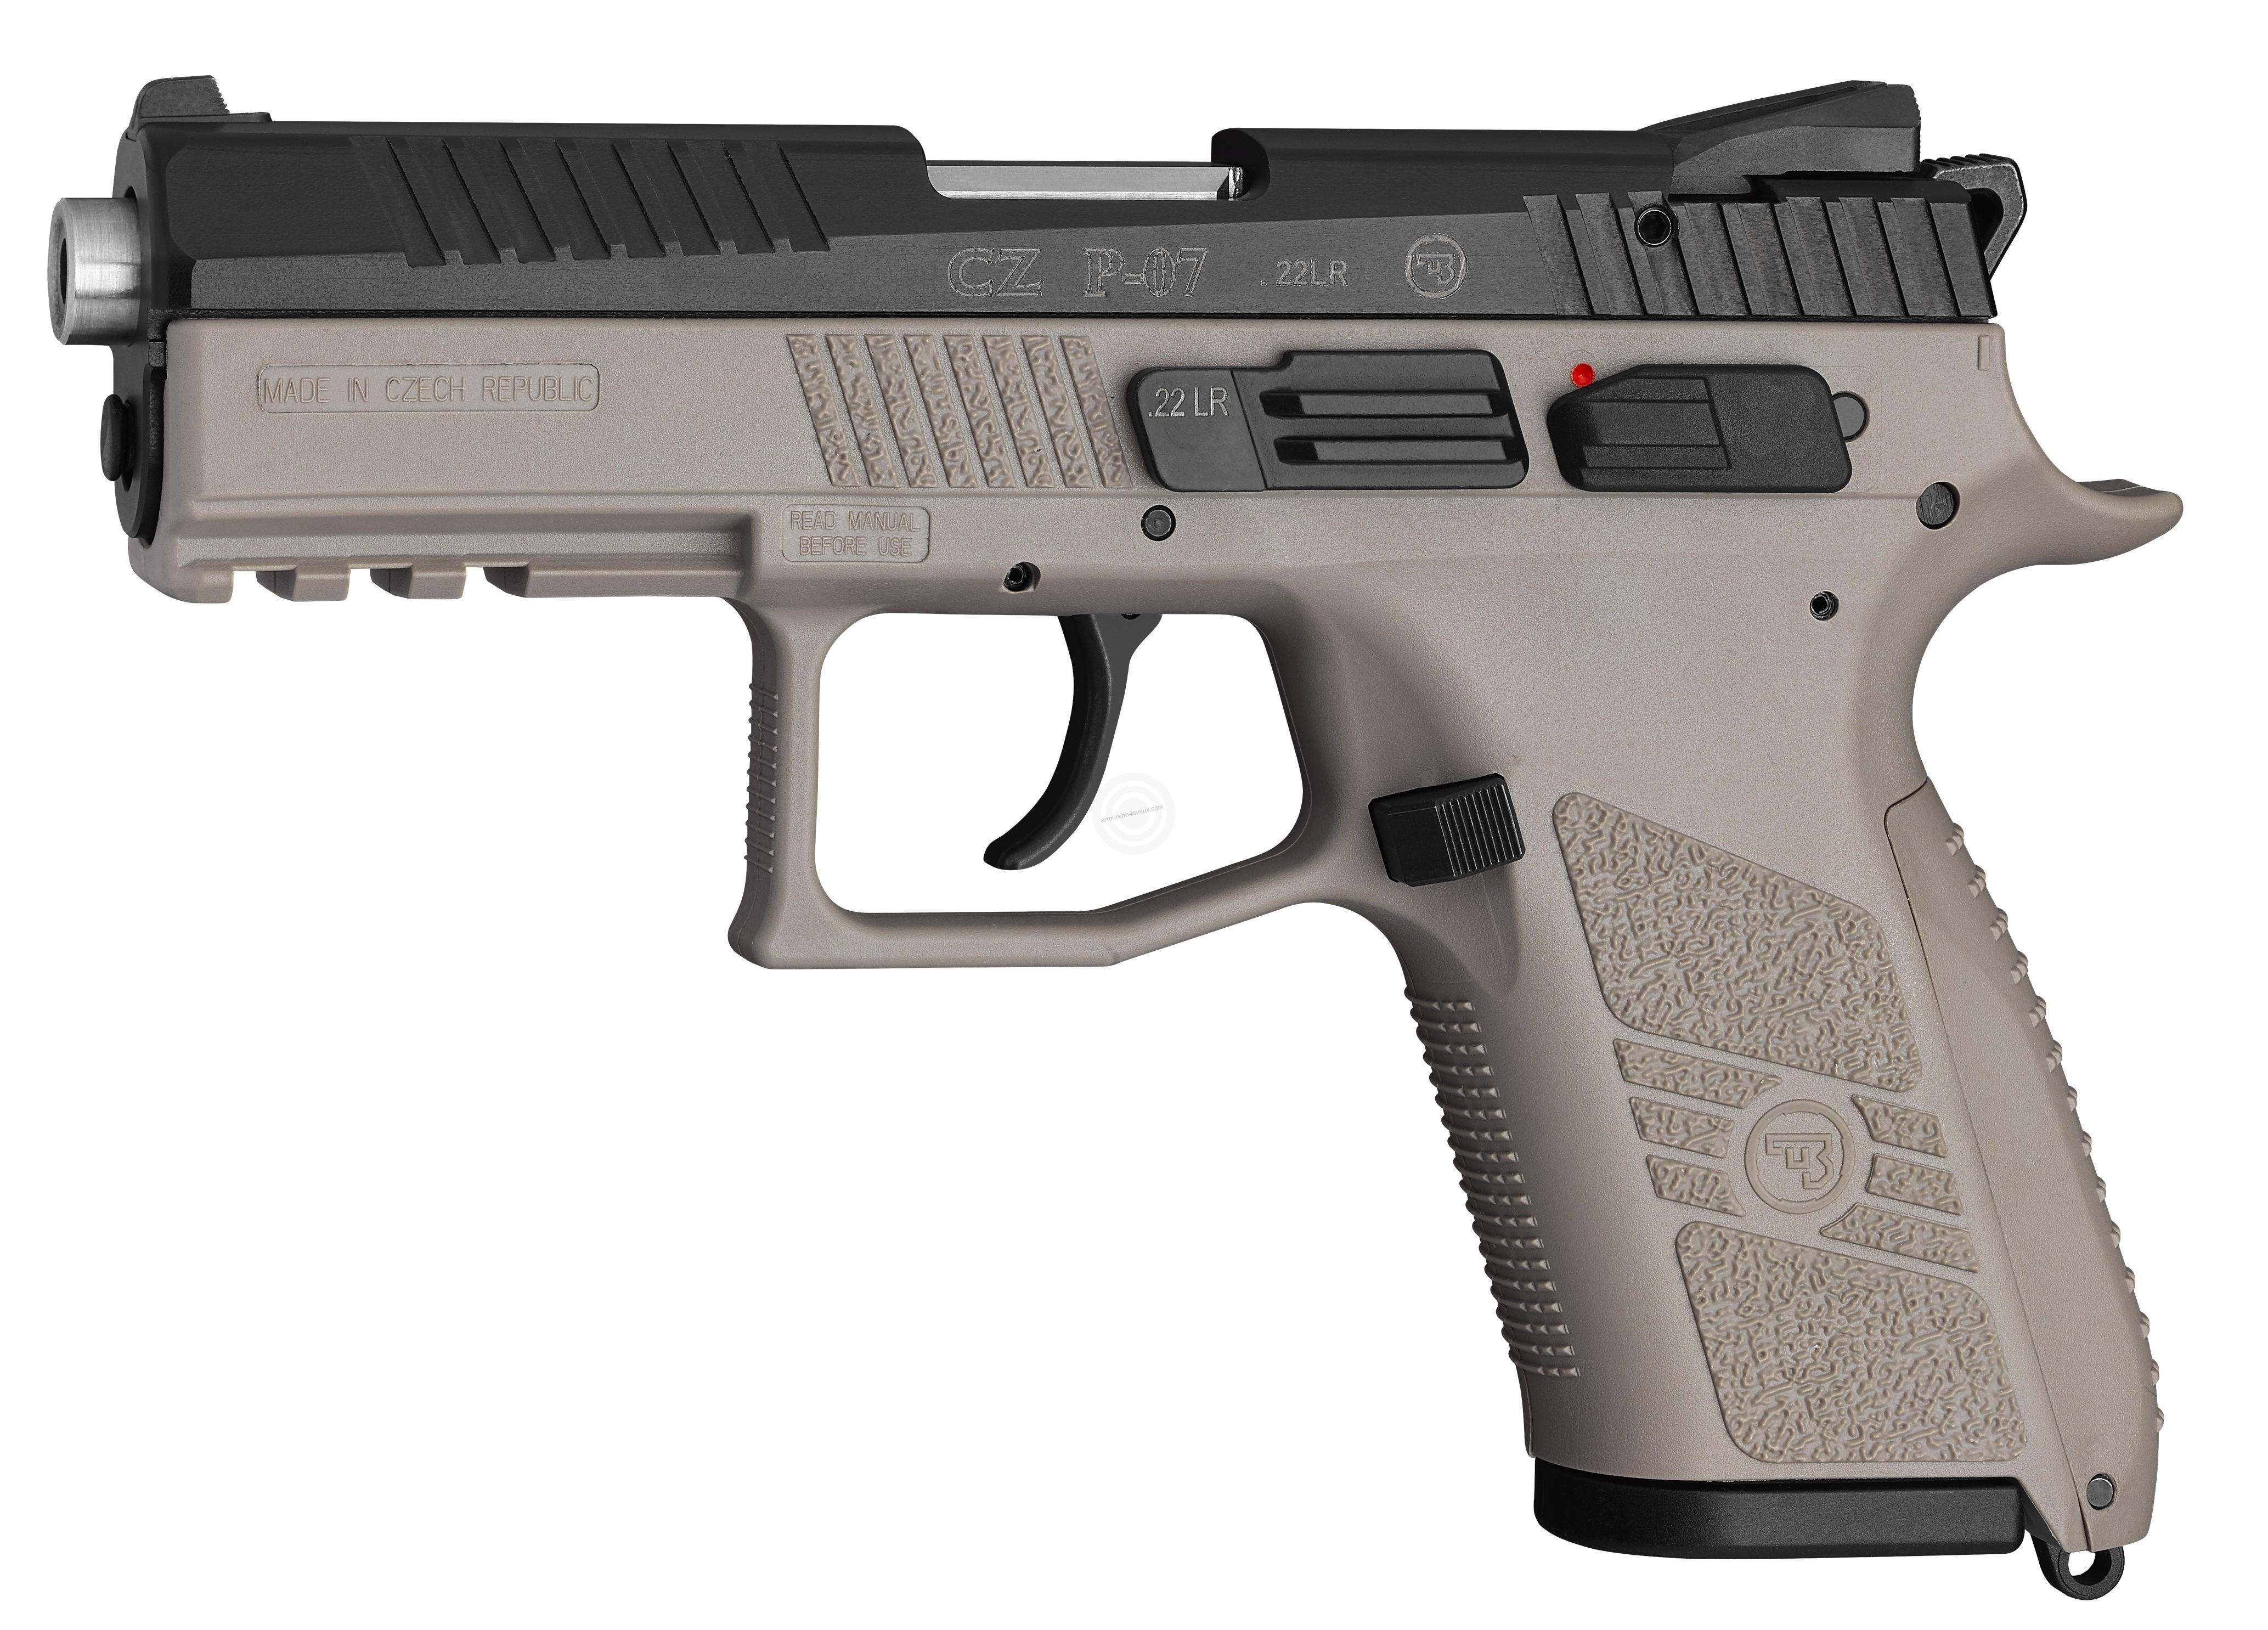 pistolet cz p 07 kadet calibre 22 lr armes cat gorie b sur armurerie lavaux. Black Bedroom Furniture Sets. Home Design Ideas